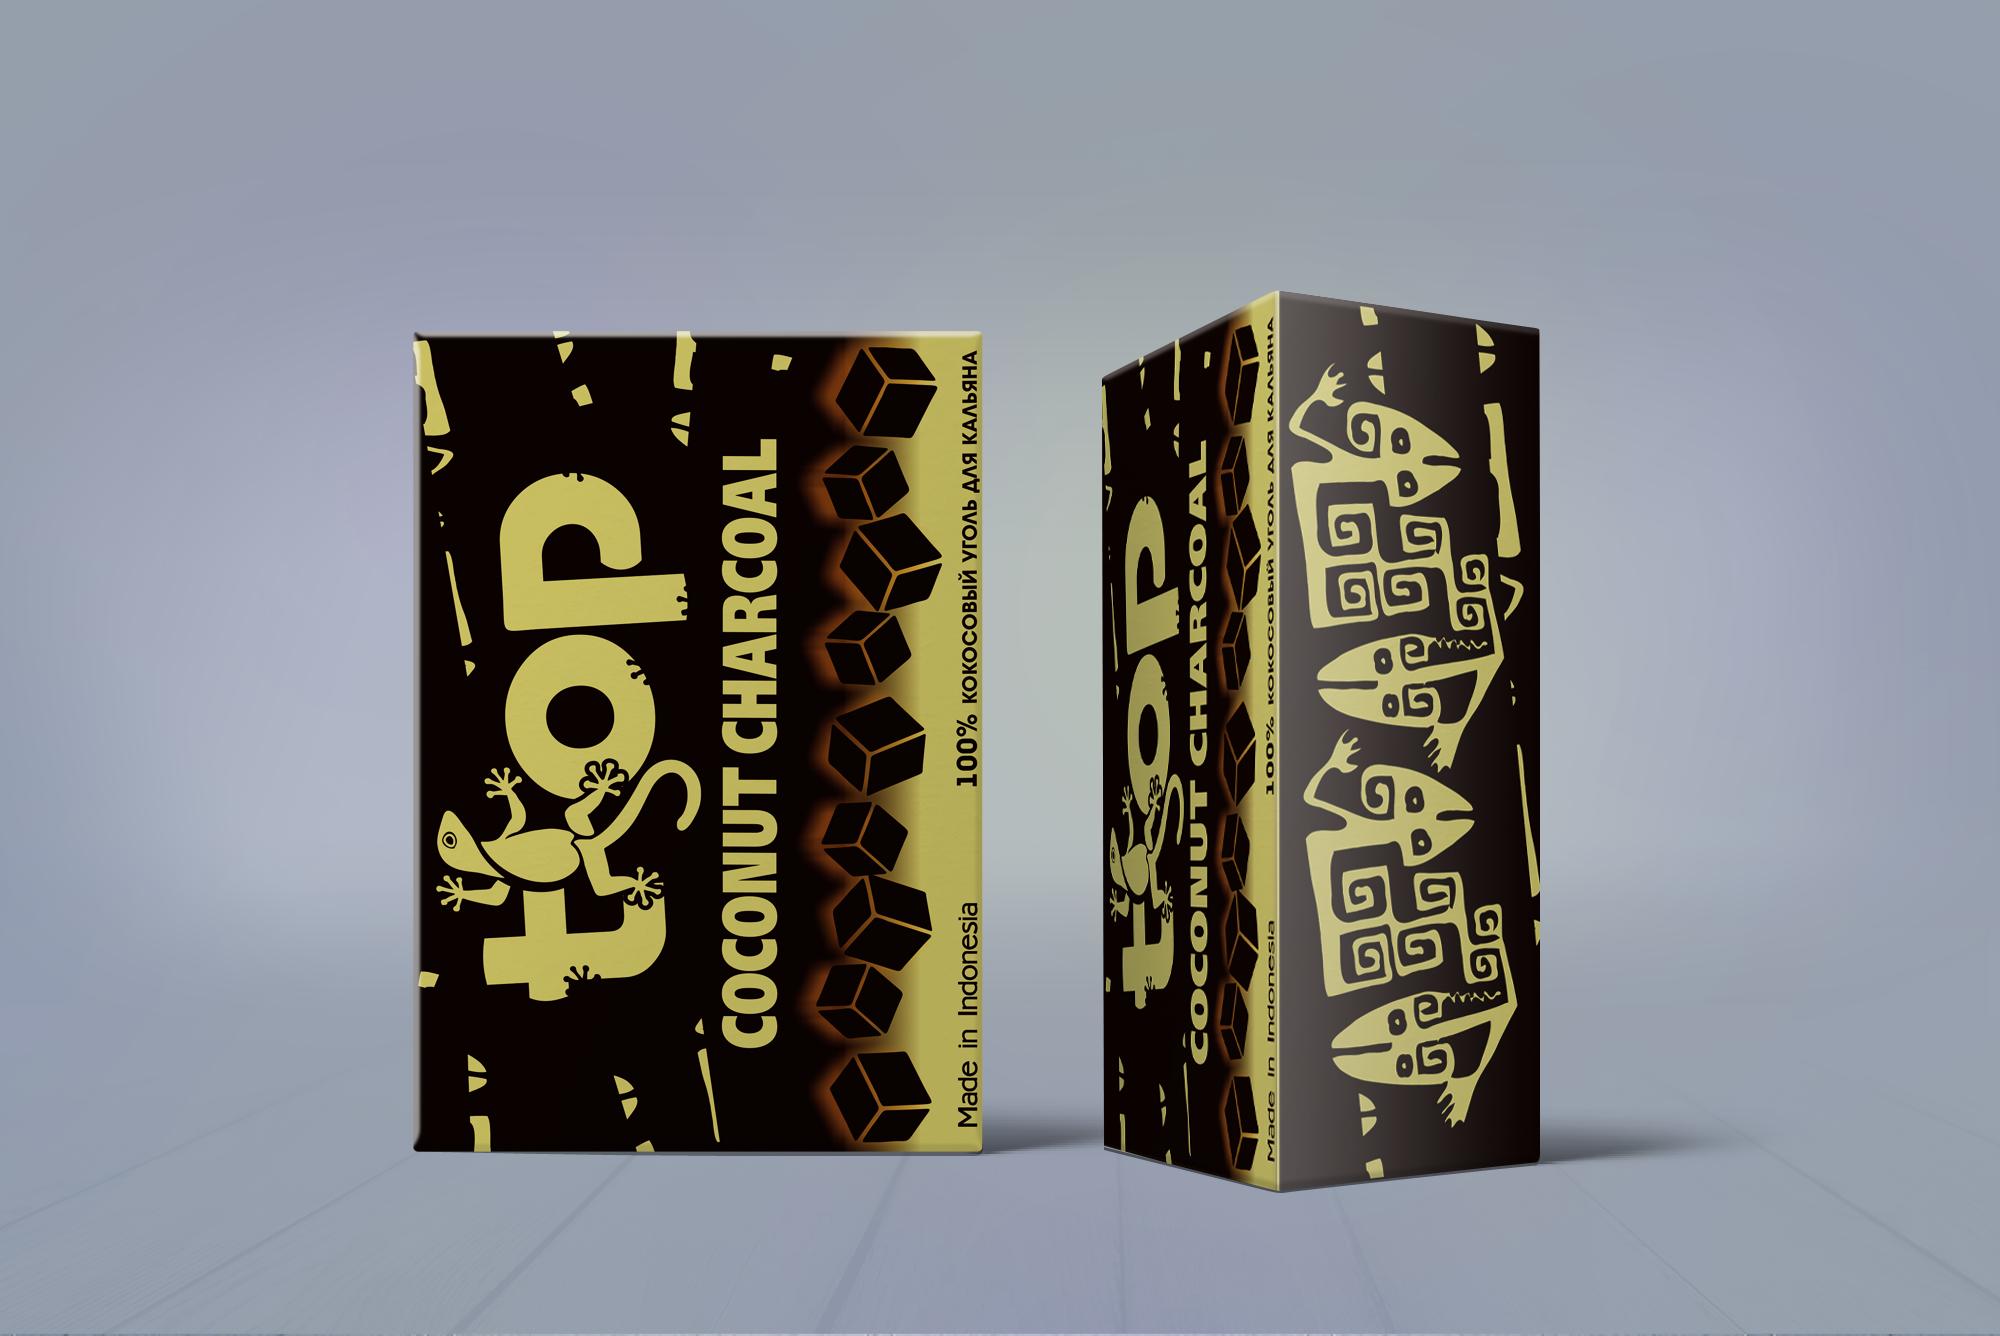 Разработка дизайна коробки, фирменного стиля, логотипа. фото f_5785c65793bddaeb.png